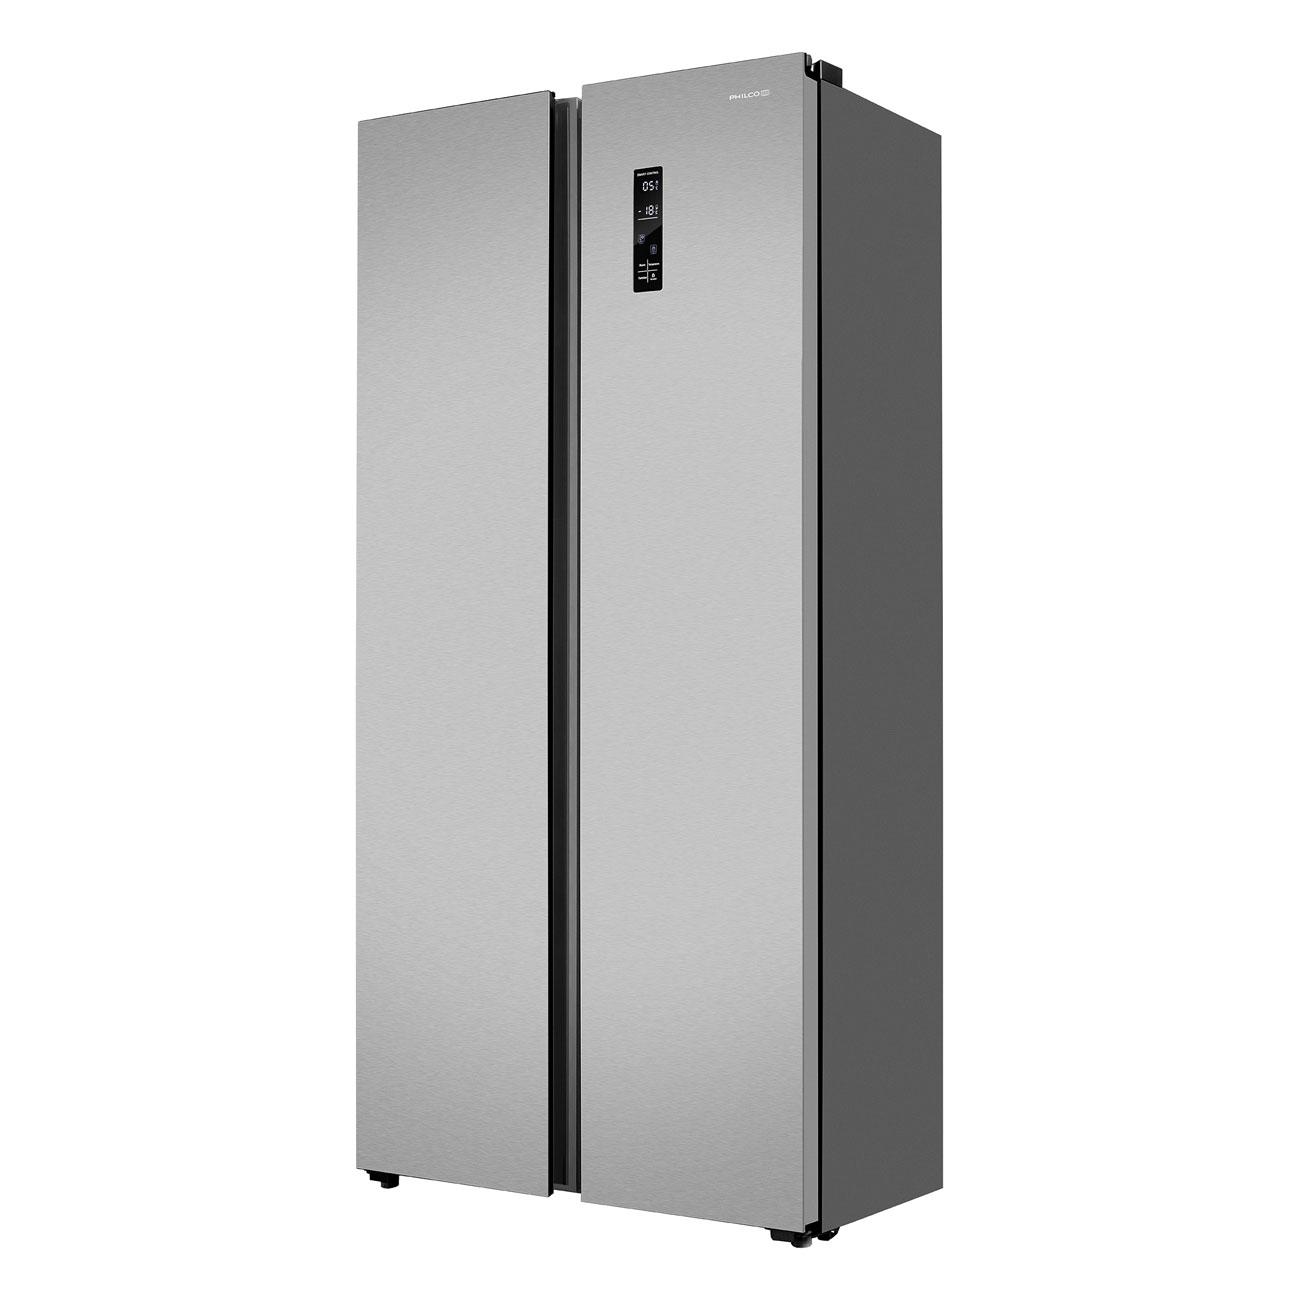 Americká chladnička Philco PXI4551 X – pohľad spredu